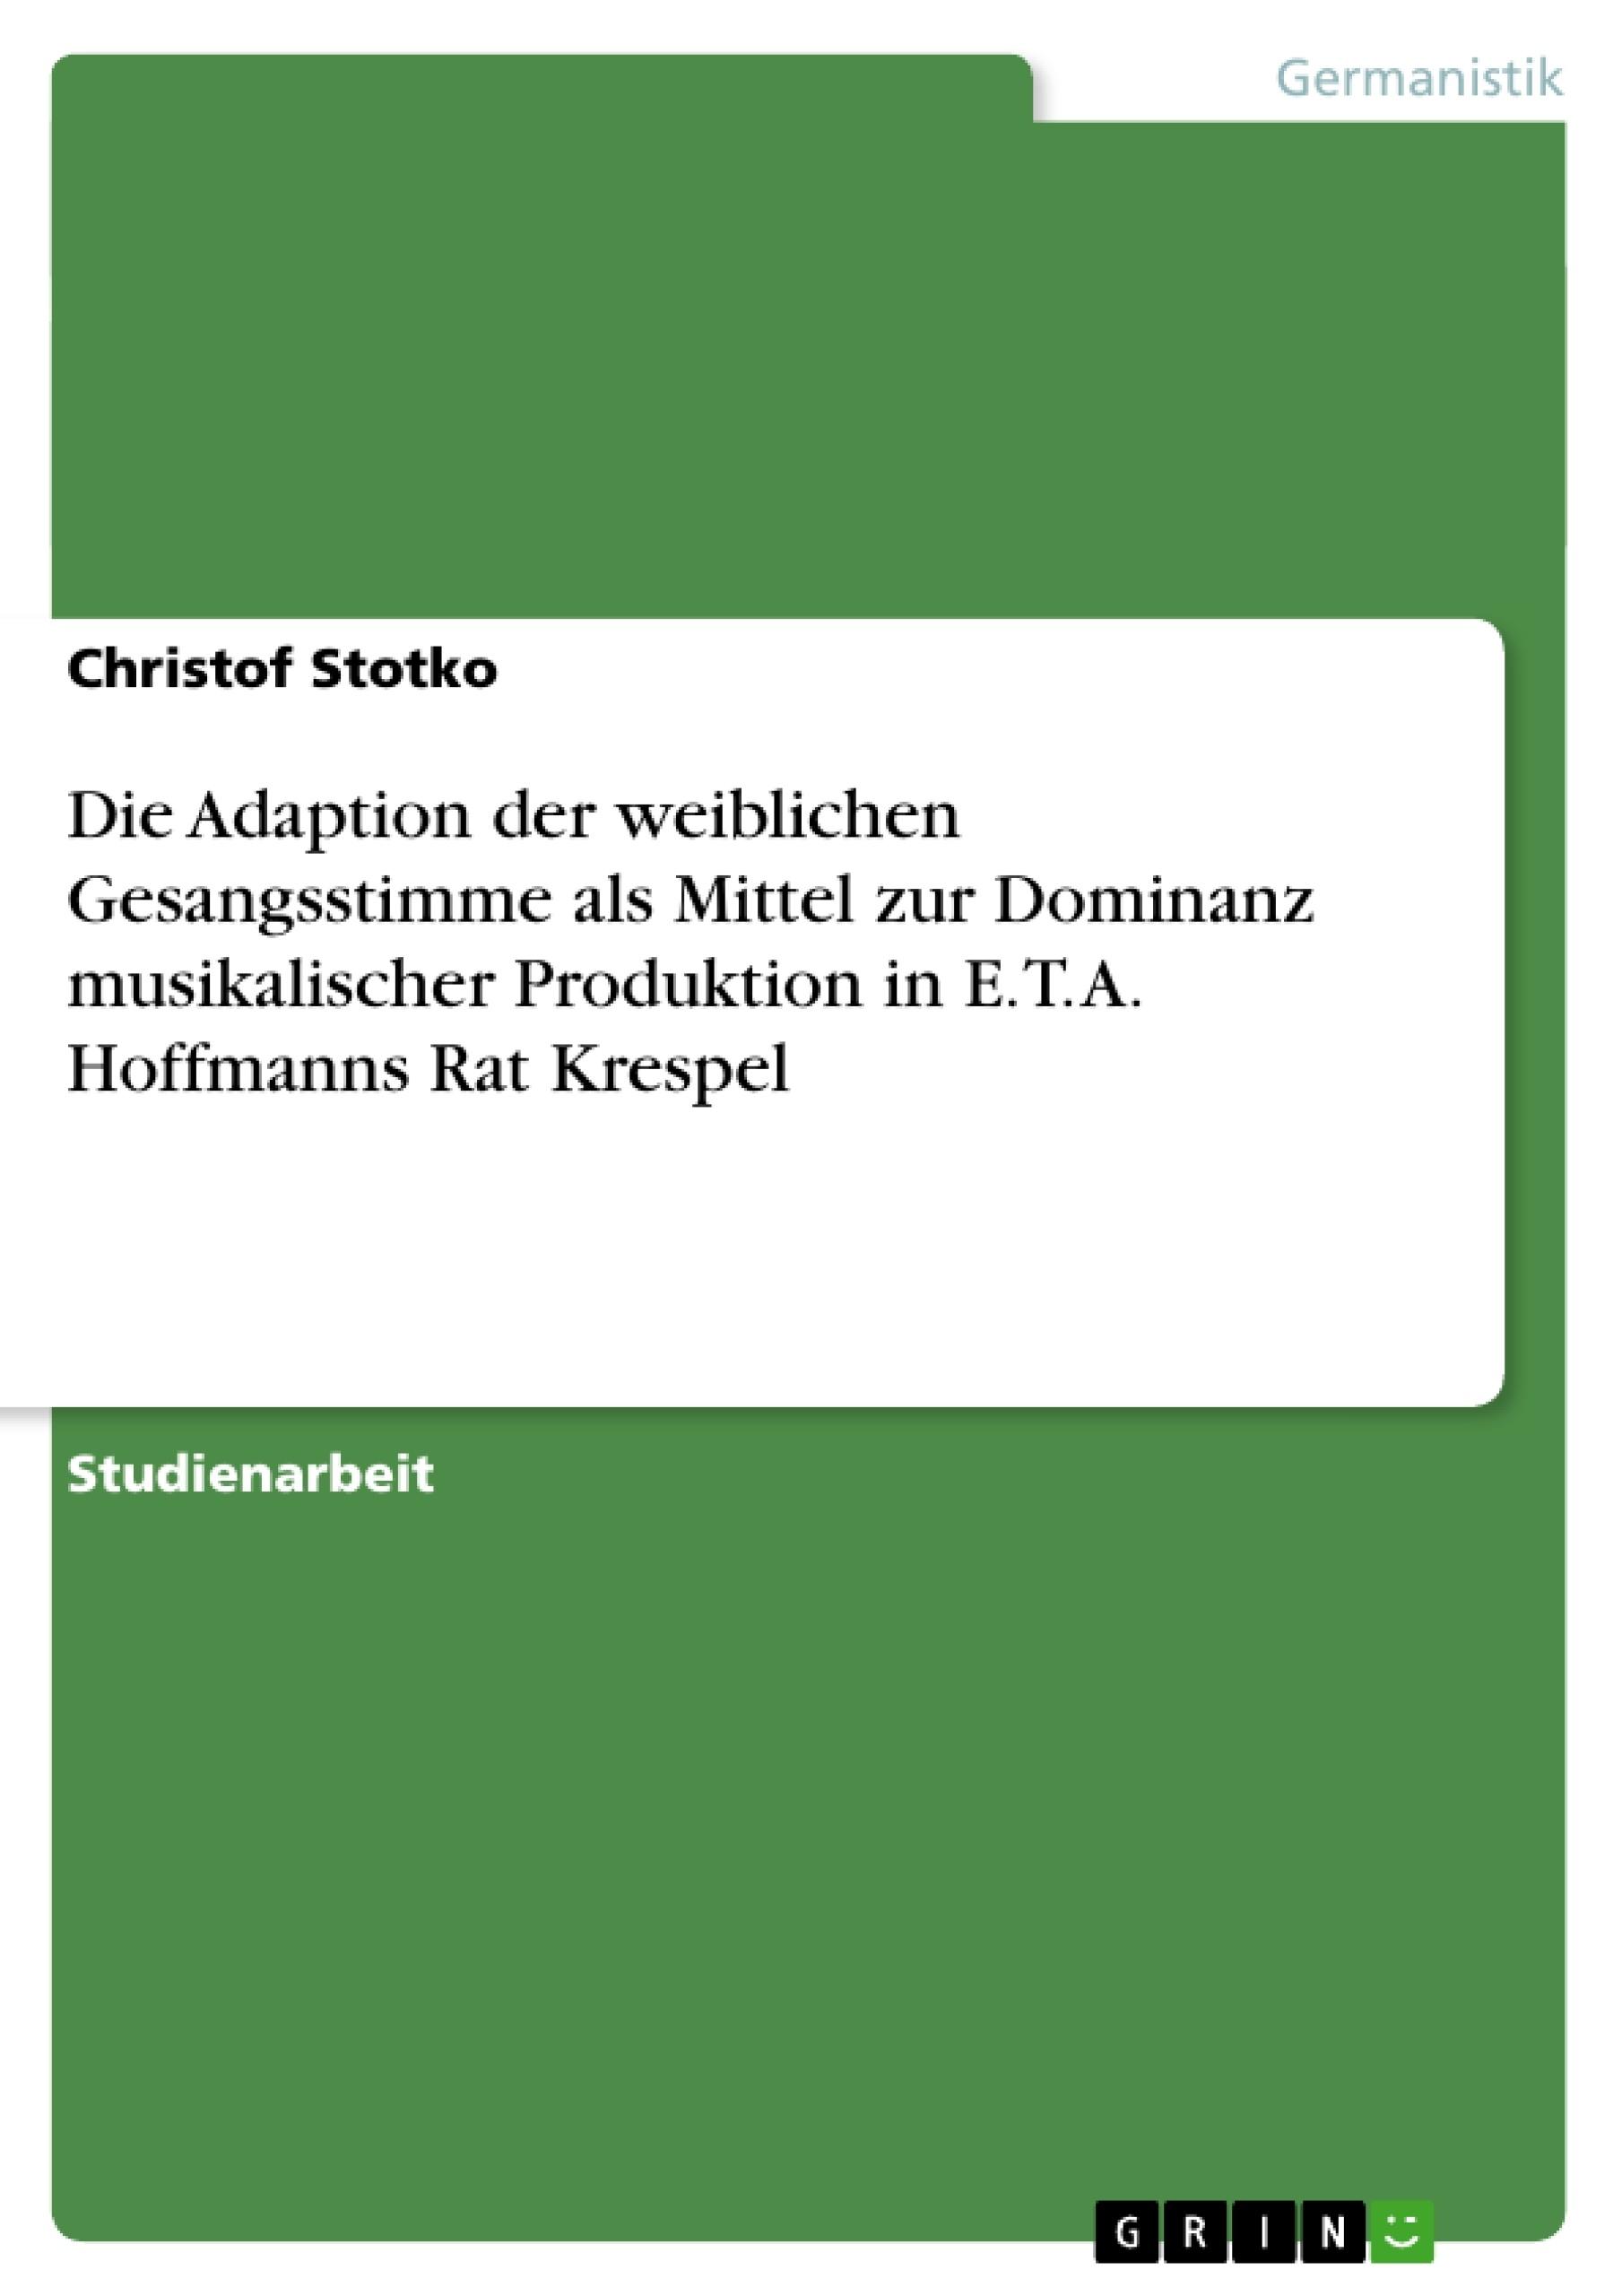 Titel: Die Adaption der weiblichen Gesangsstimme als Mittel zur Dominanz musikalischer Produktion in E. T. A. Hoffmanns Rat Krespel